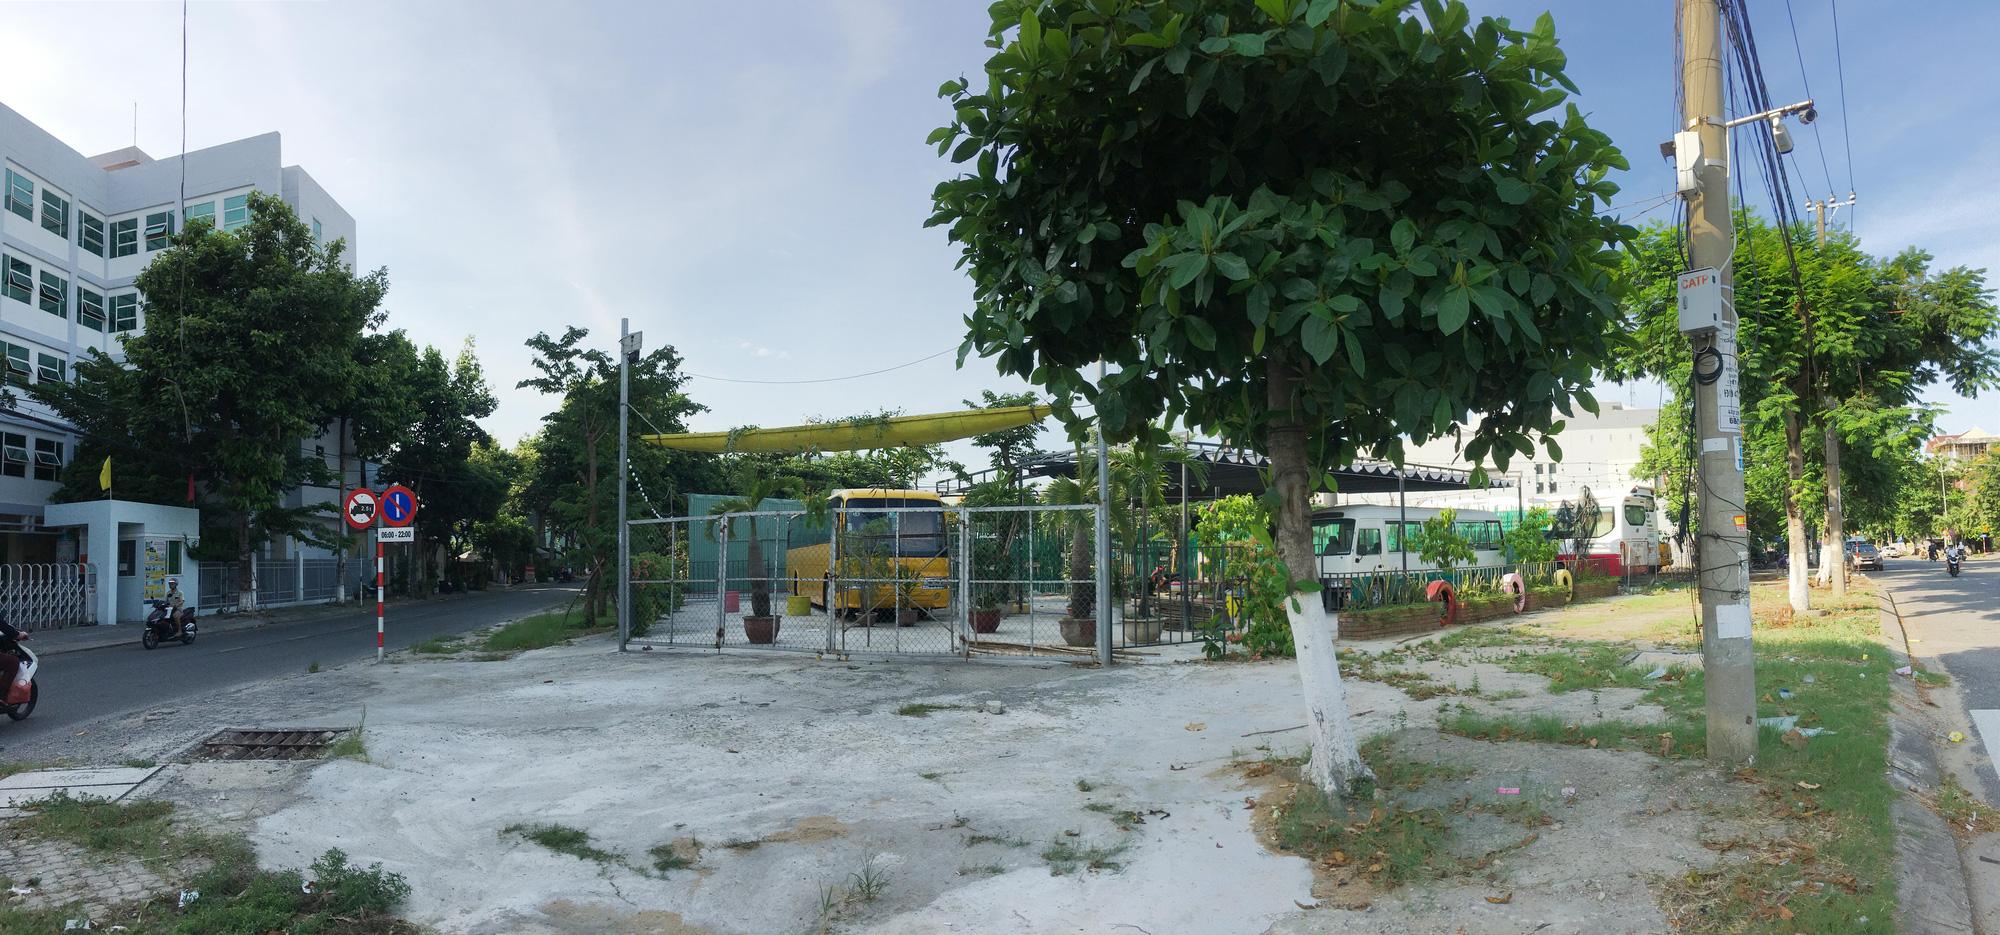 Cận cảnh hai khu đất ở quận Cẩm Lệ, Đà Nẵng sẽ đấu giá làm bãi đỗ xe - Ảnh 9.